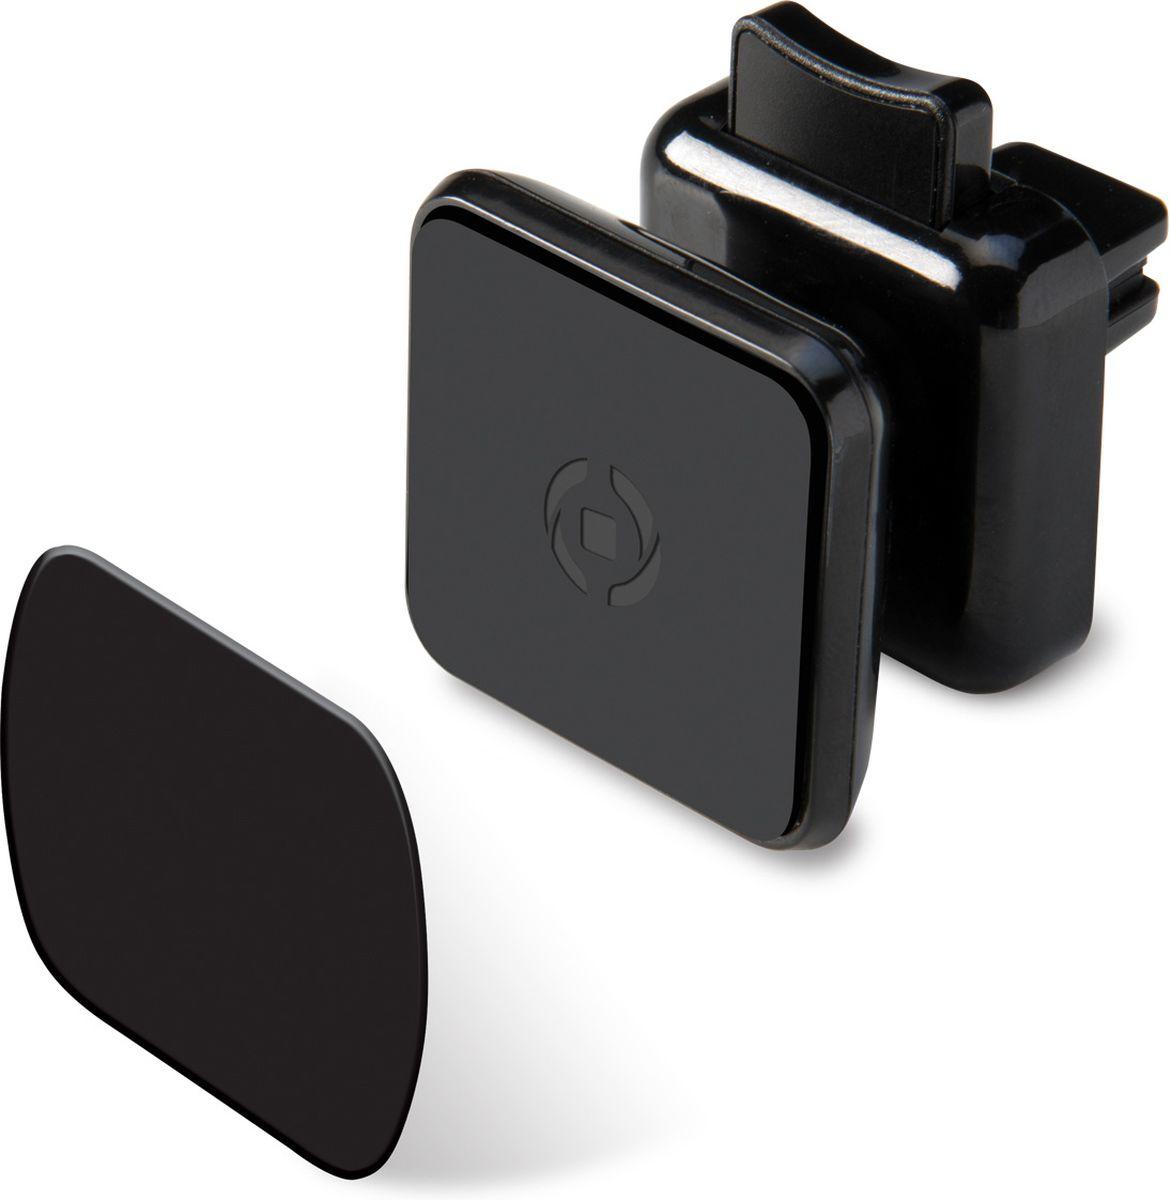 Celly Ghost Plus, Black держатель автомобильный для смартфона - Автомобильные держатели